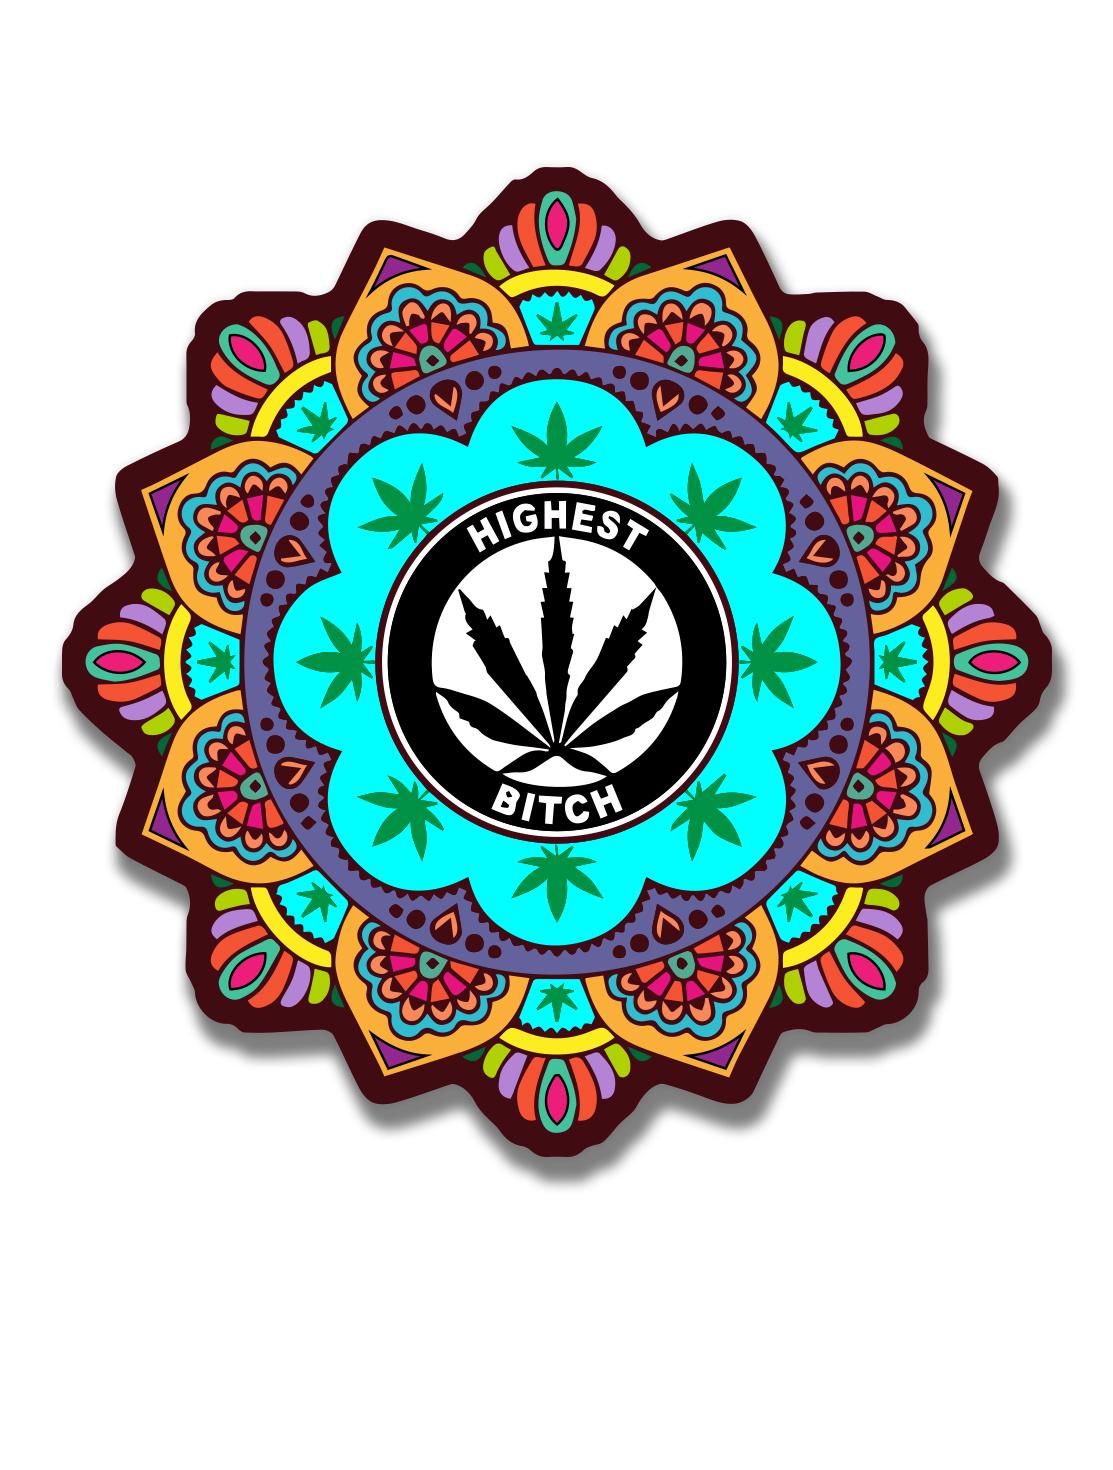 just get high_ stickers_HIGHEST BITCH_HENNA